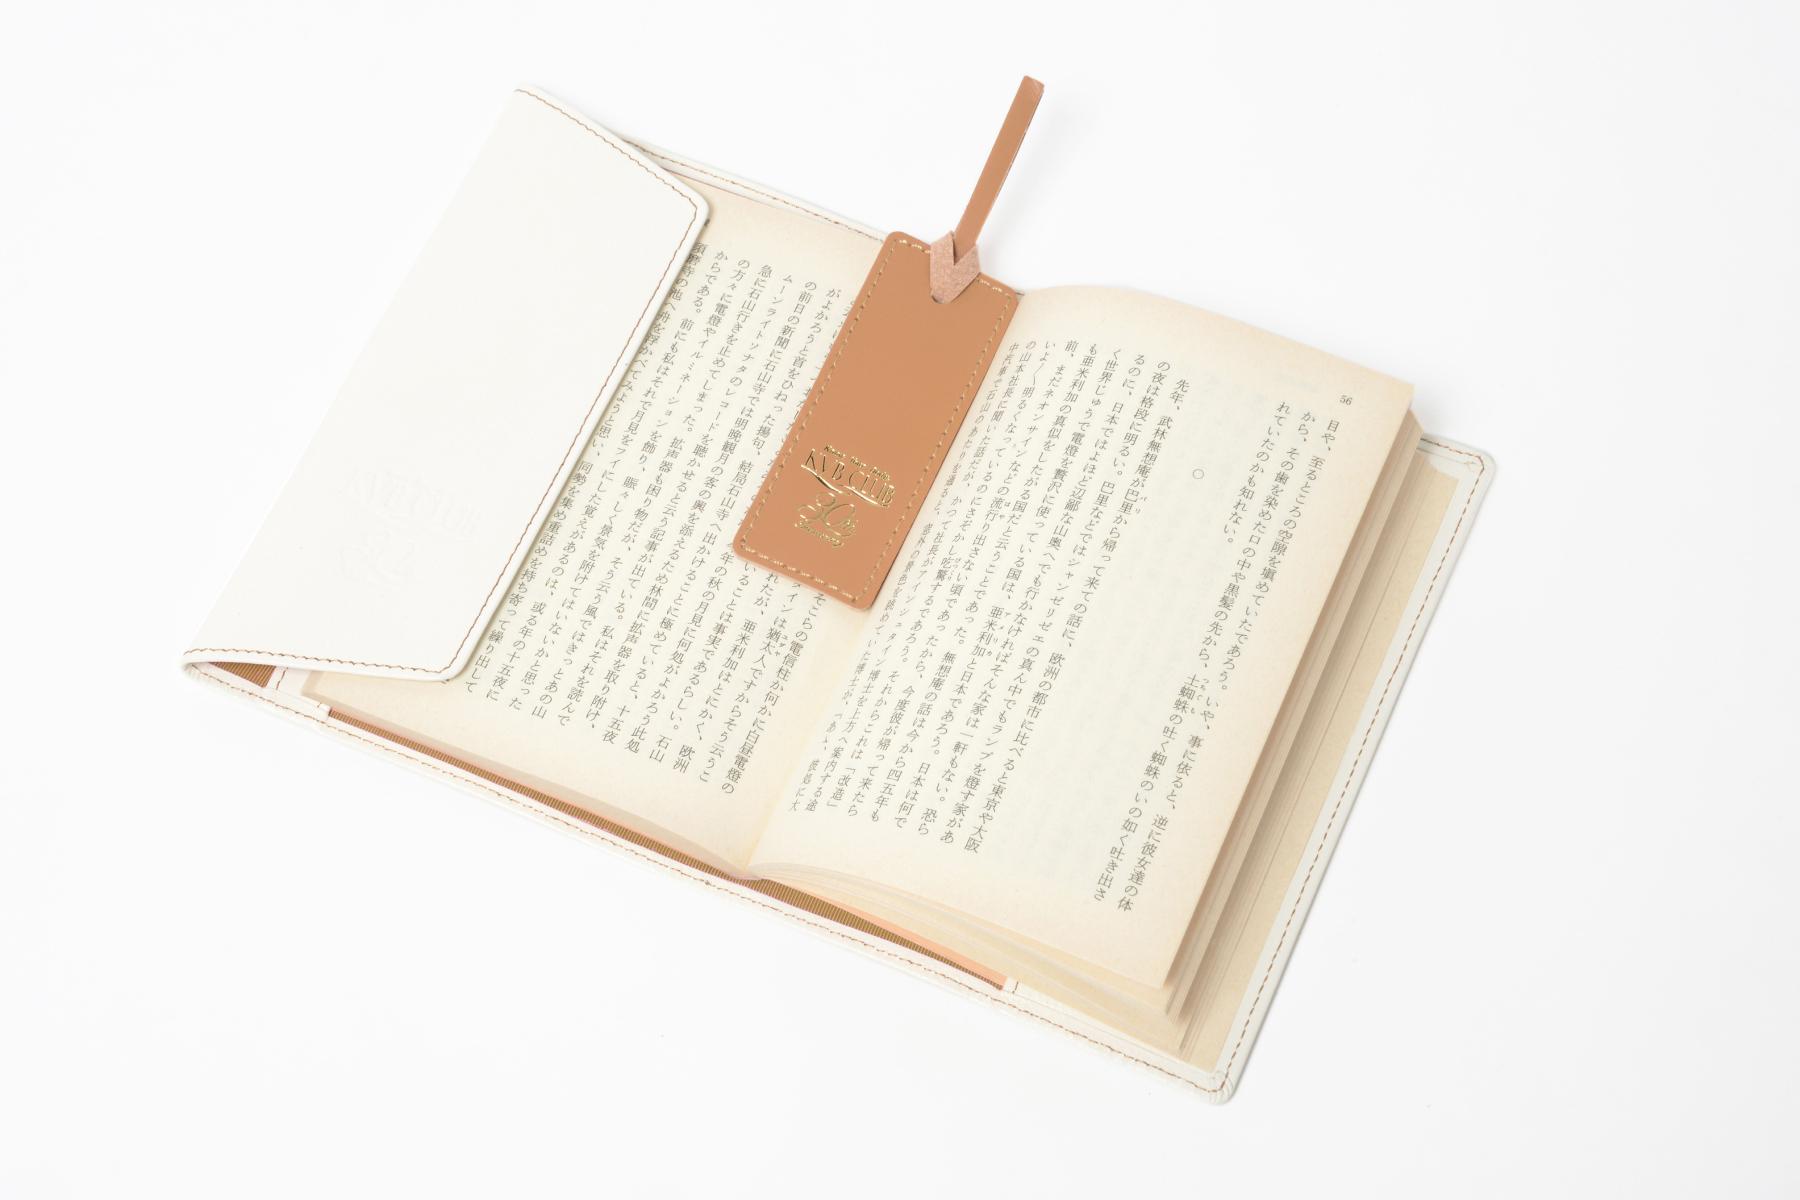 革製しおりをブックカバーと一緒に使用した写真